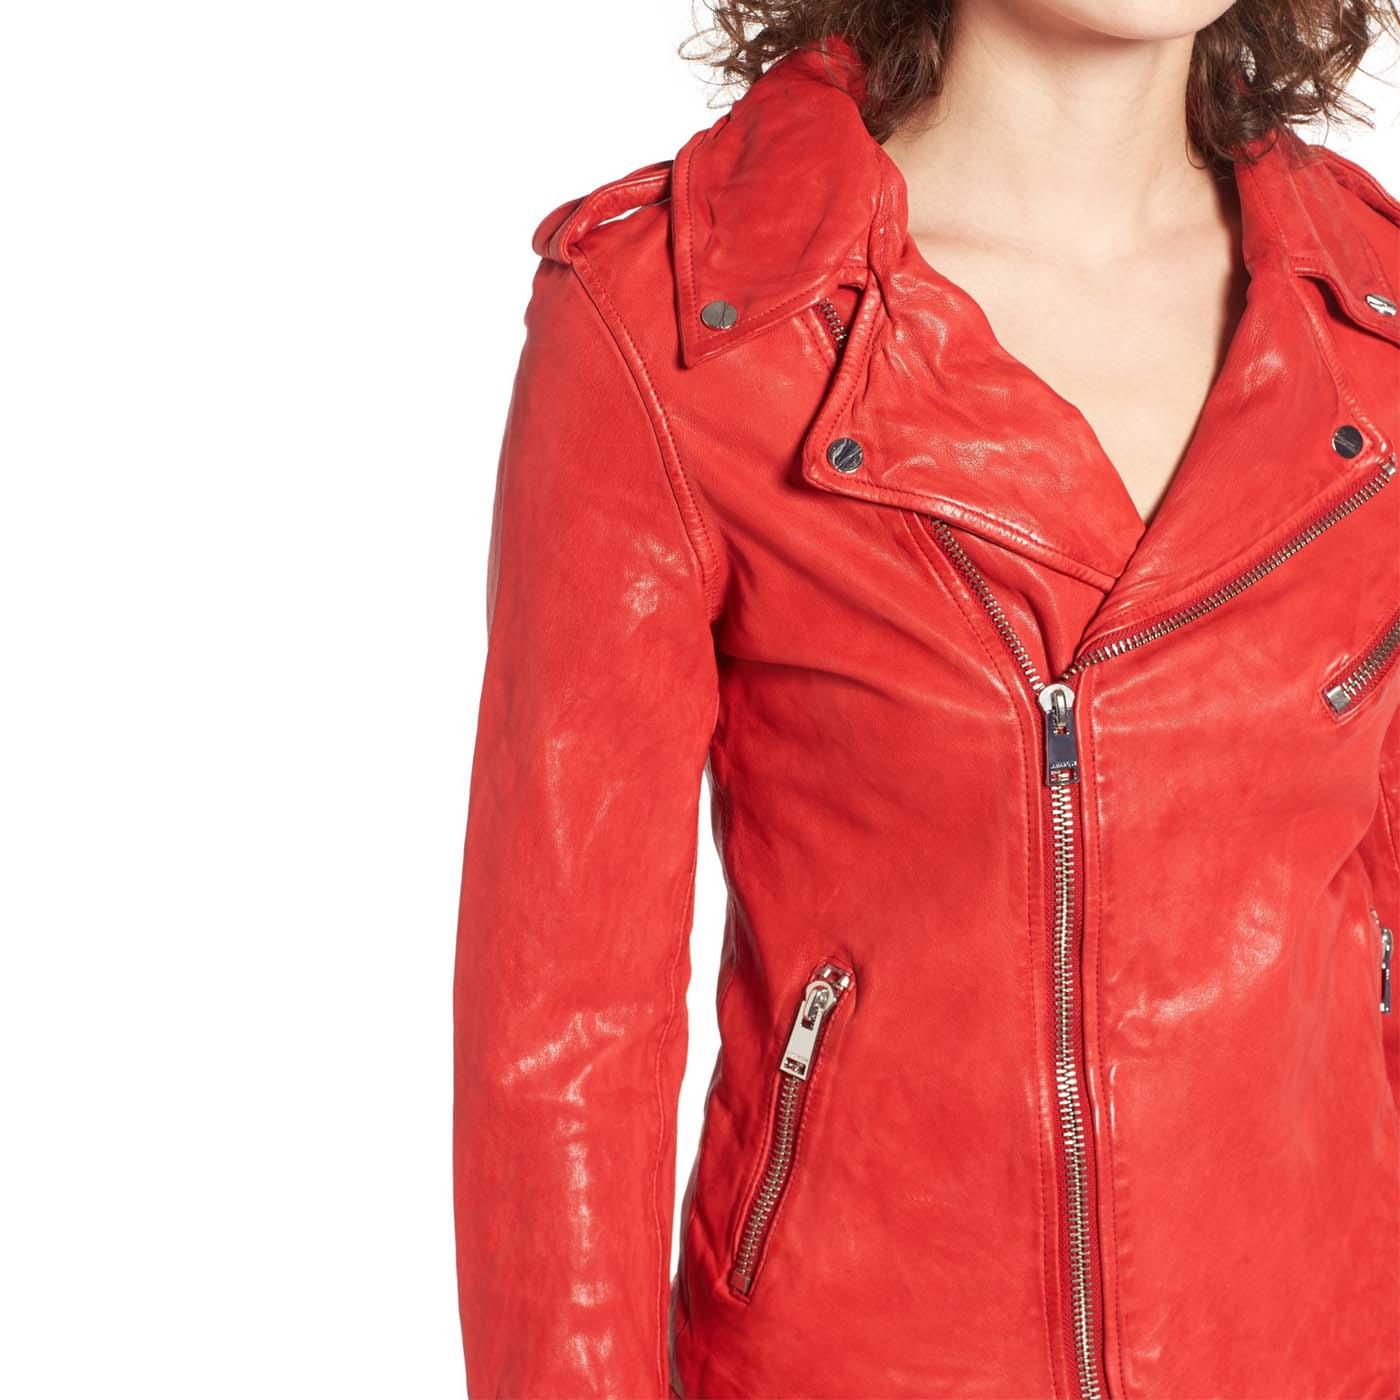 Washed Lambskin Leather Moto Jacket 1.